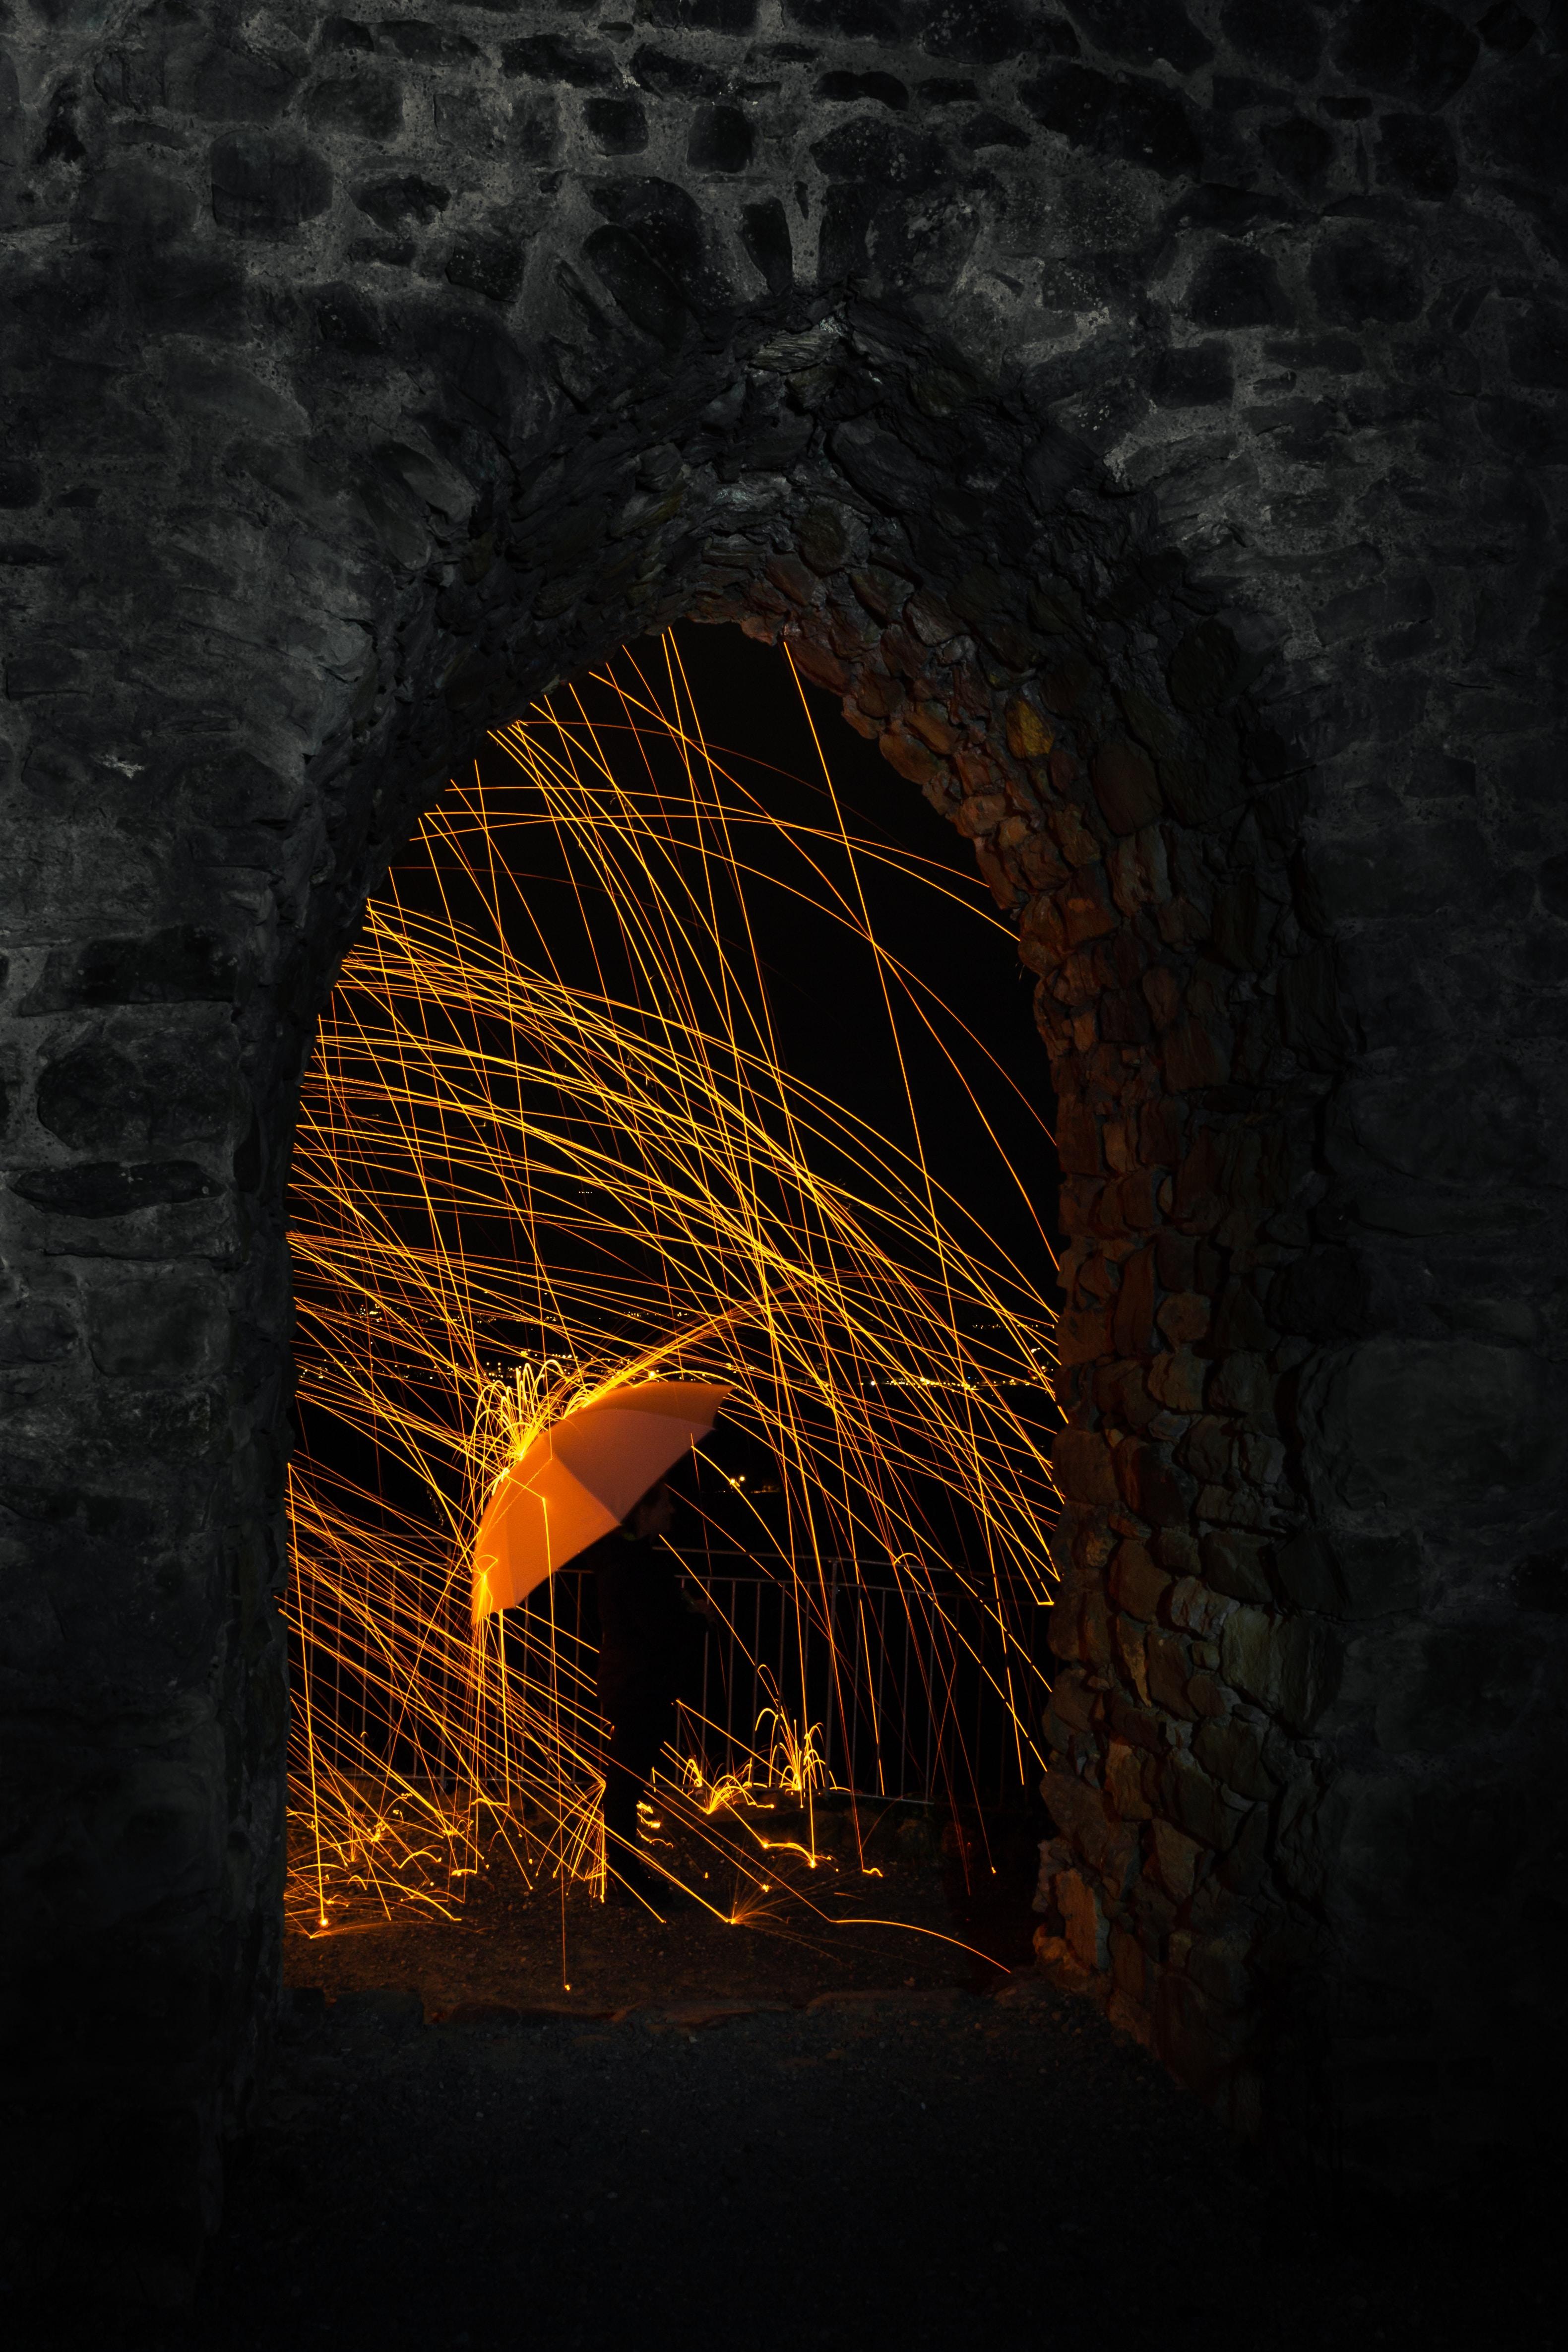 85861壁紙のダウンロード闇, 暗い, シルエット, 傘, スパークス, 火の粉, アーチ-スクリーンセーバーと写真を無料で